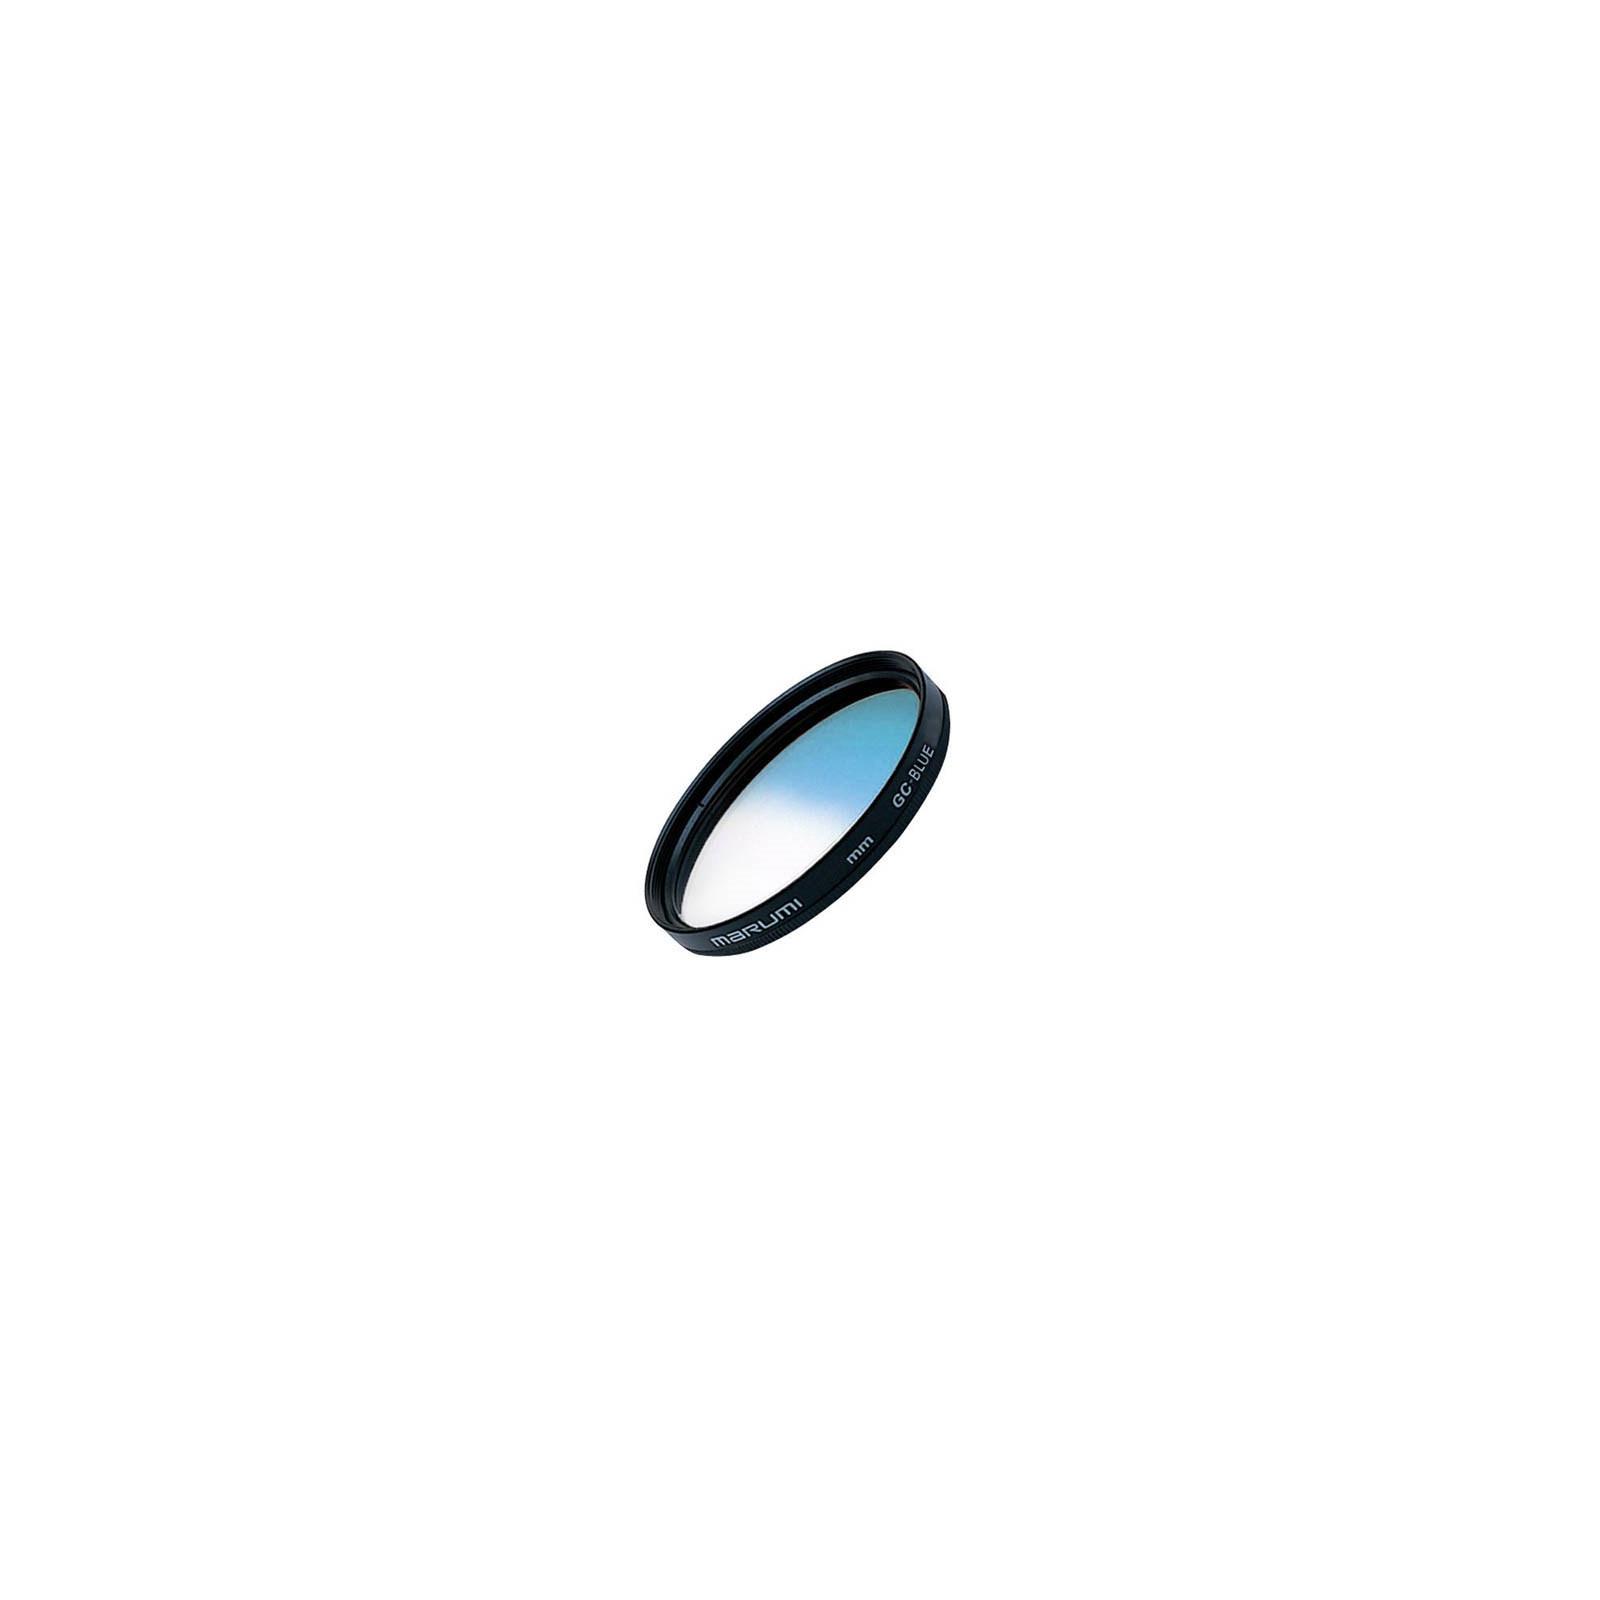 Светофильтр Marumi GC-Blue 67mm